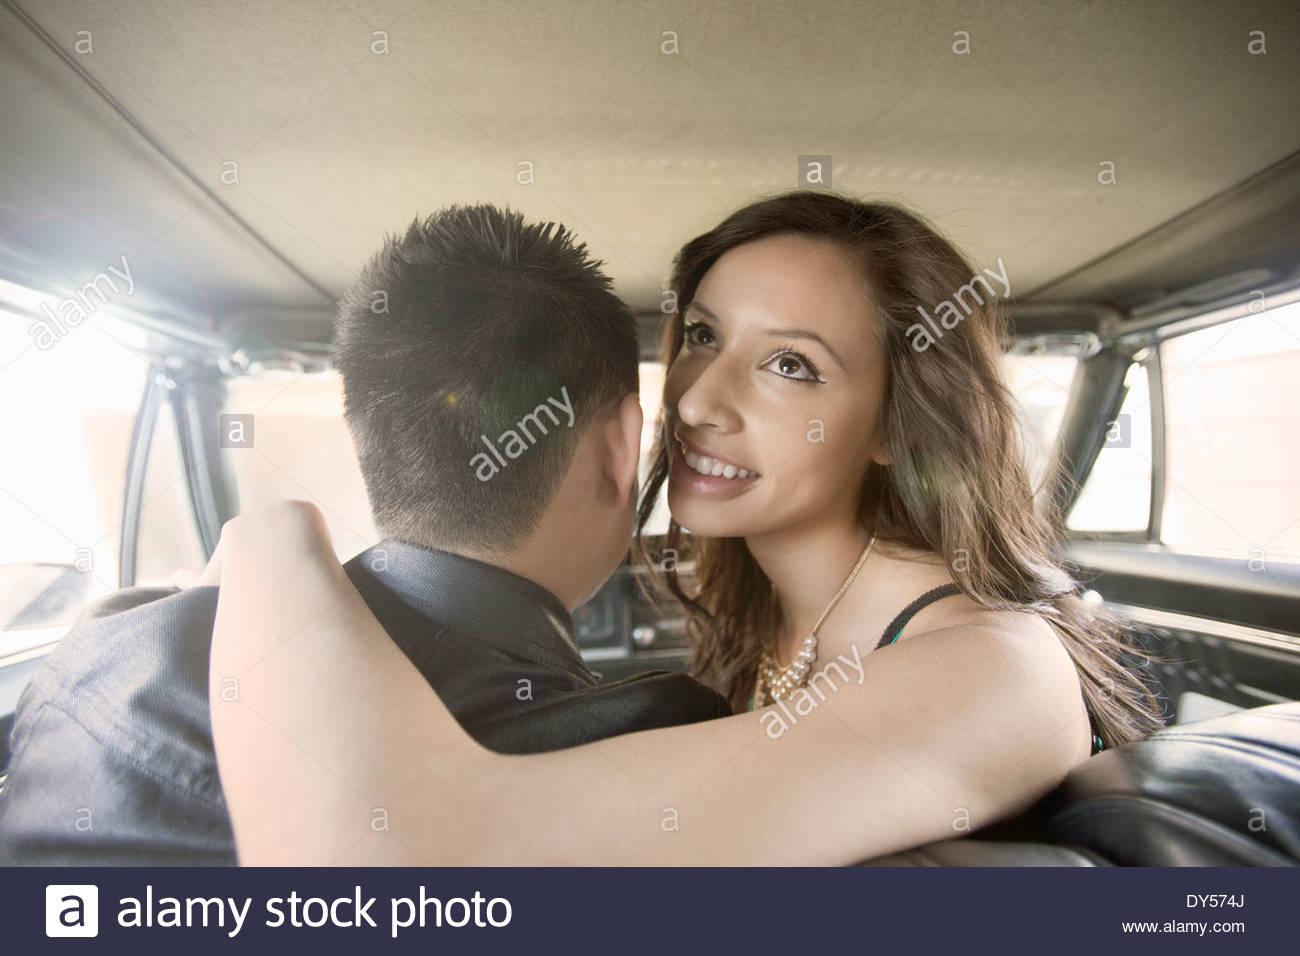 Mujer joven con brazo alrededor de novio en el asiento delantero del coche Imagen De Stock